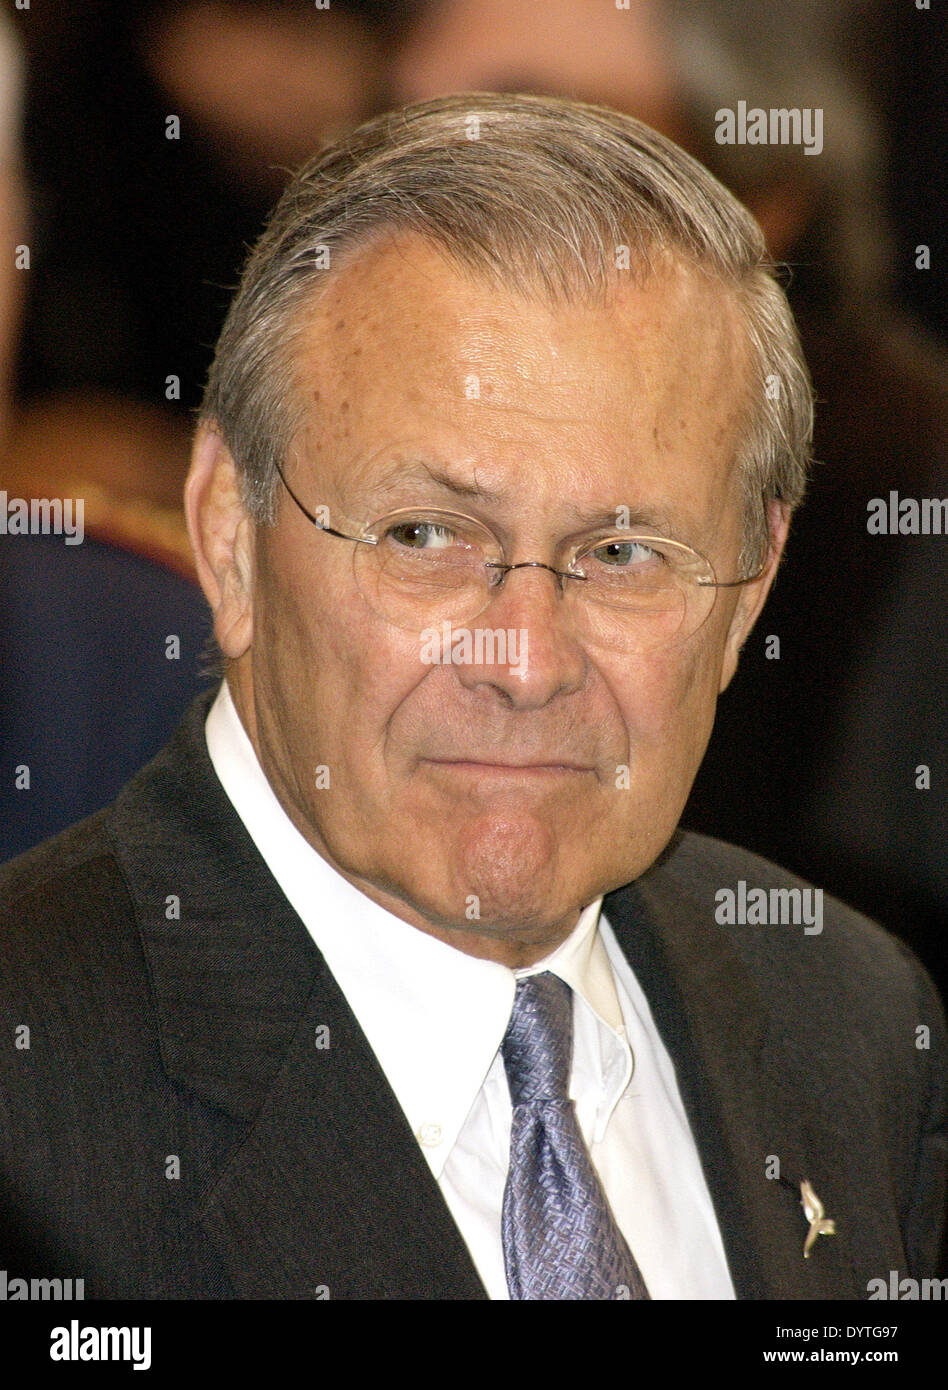 Donald H. Rumsfeld Stockbild